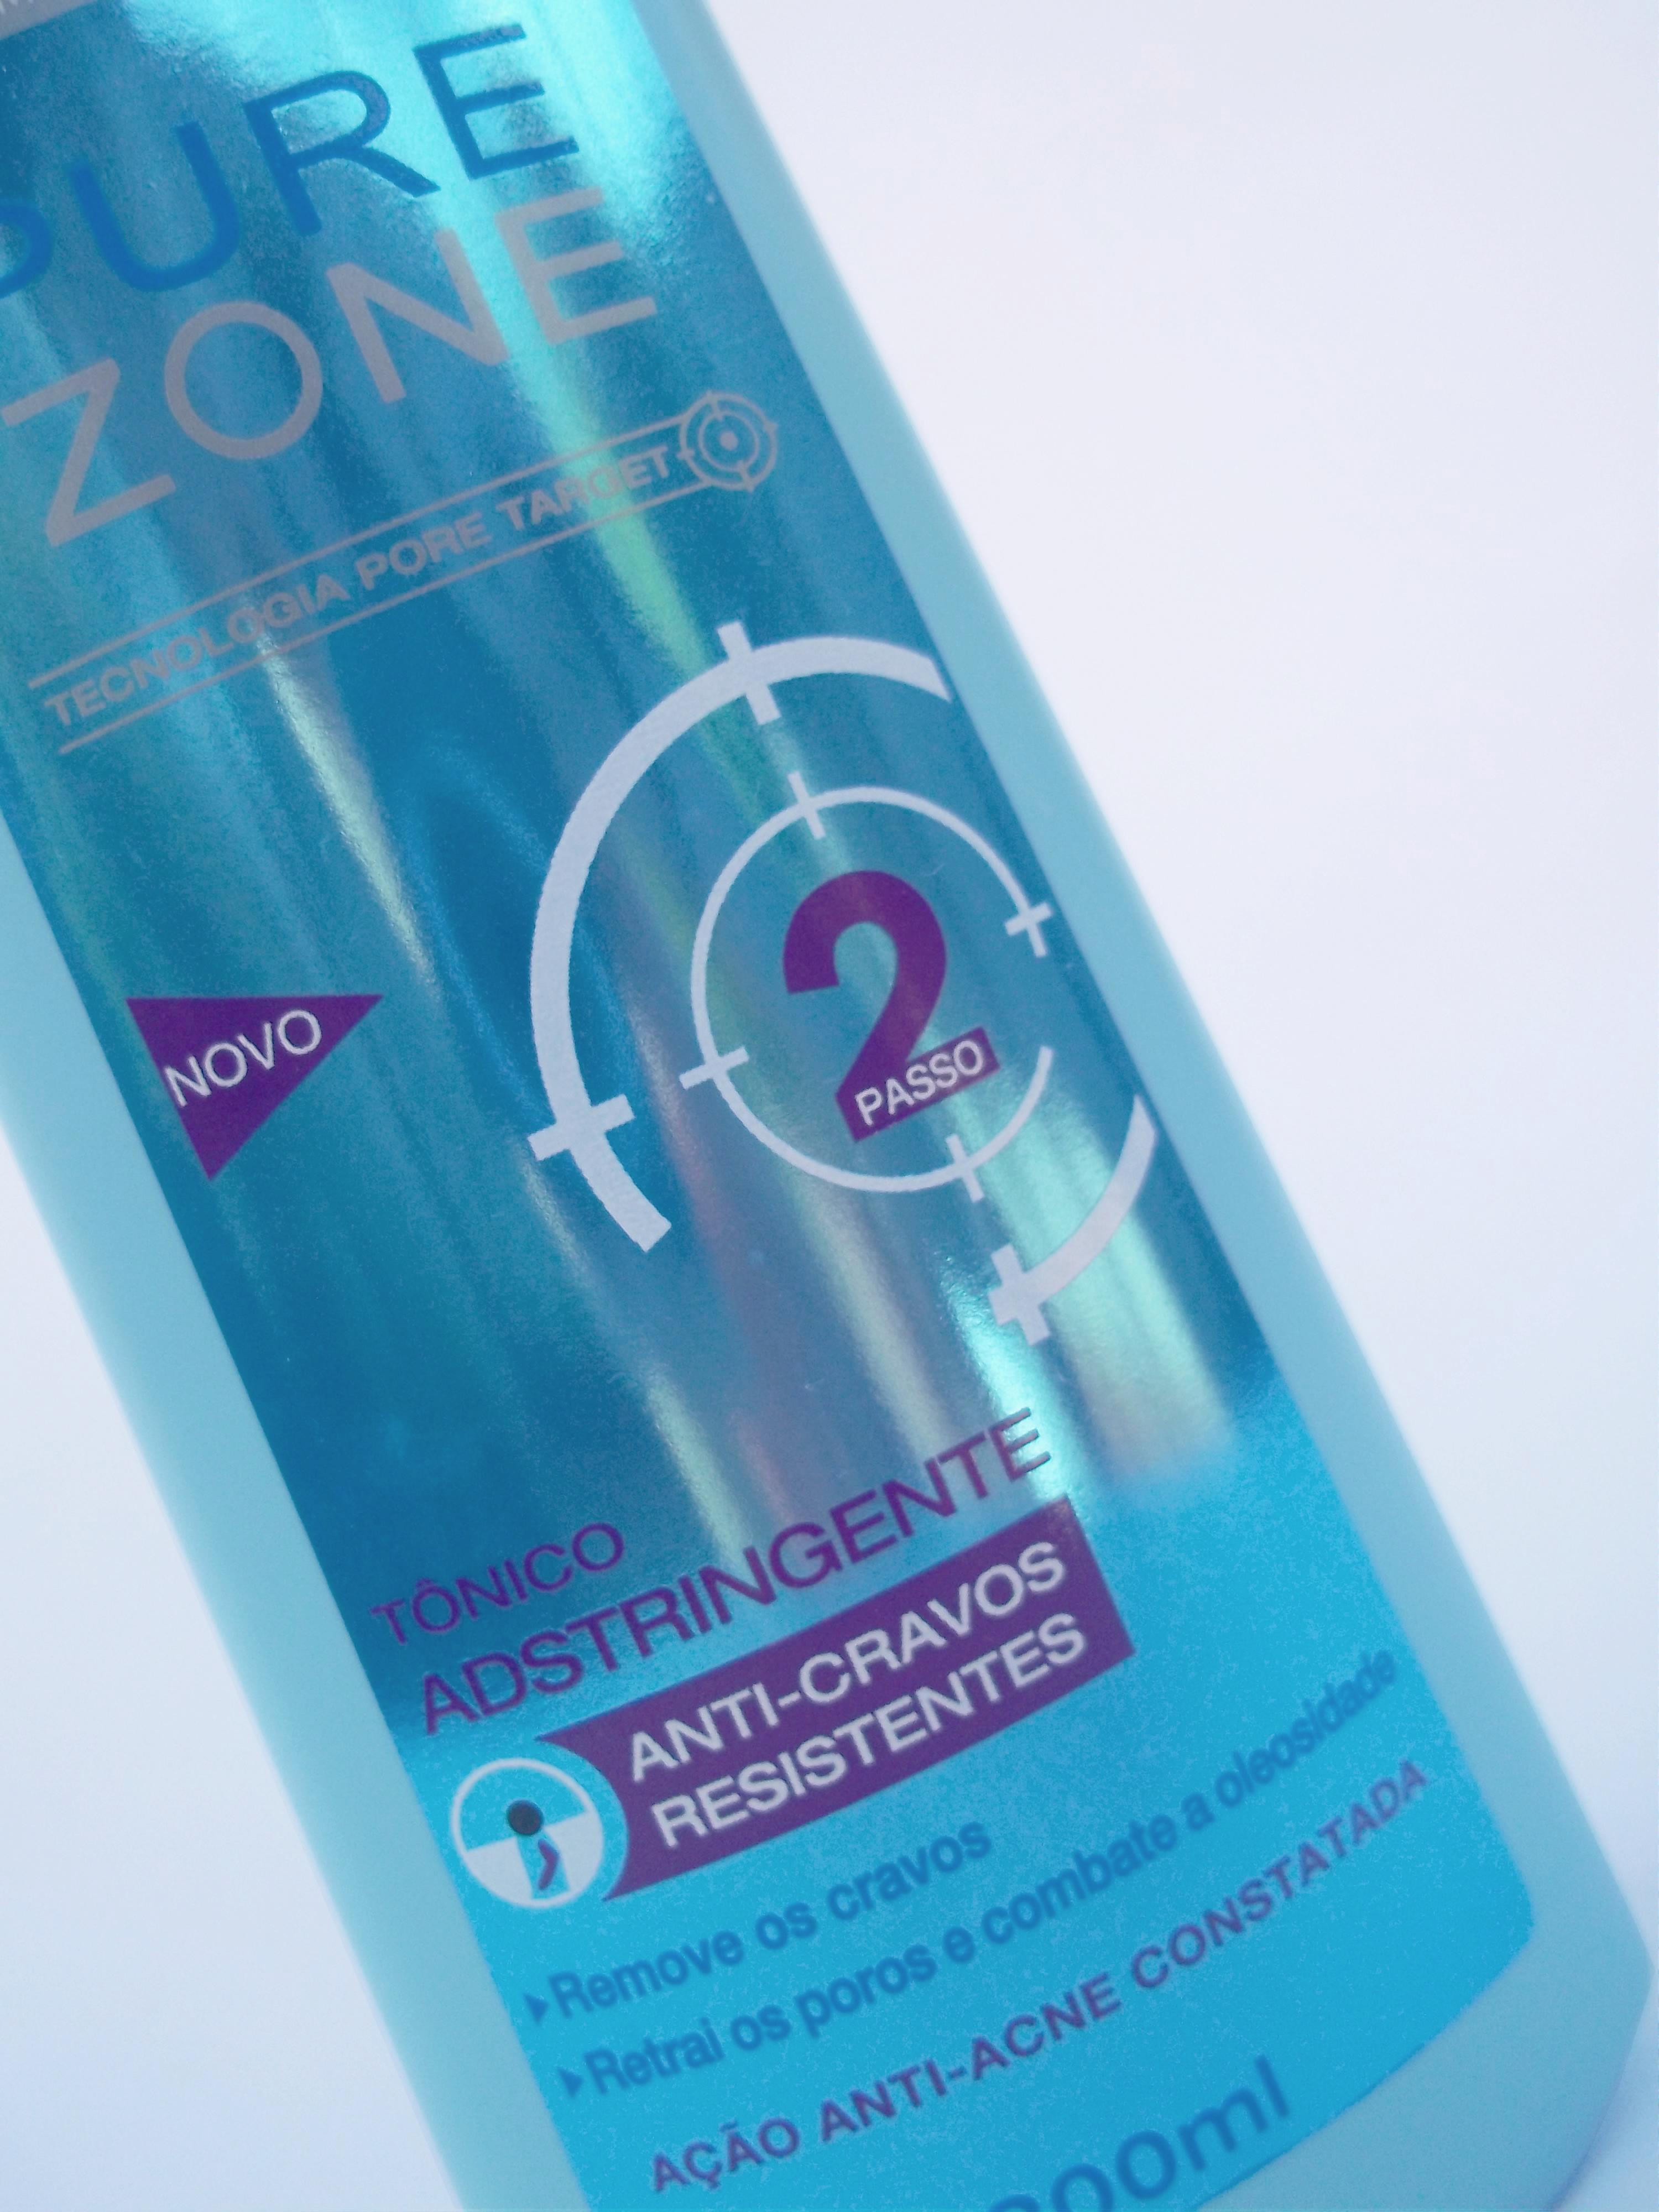 Tratamento de umas respostas de nitrogênio de acne